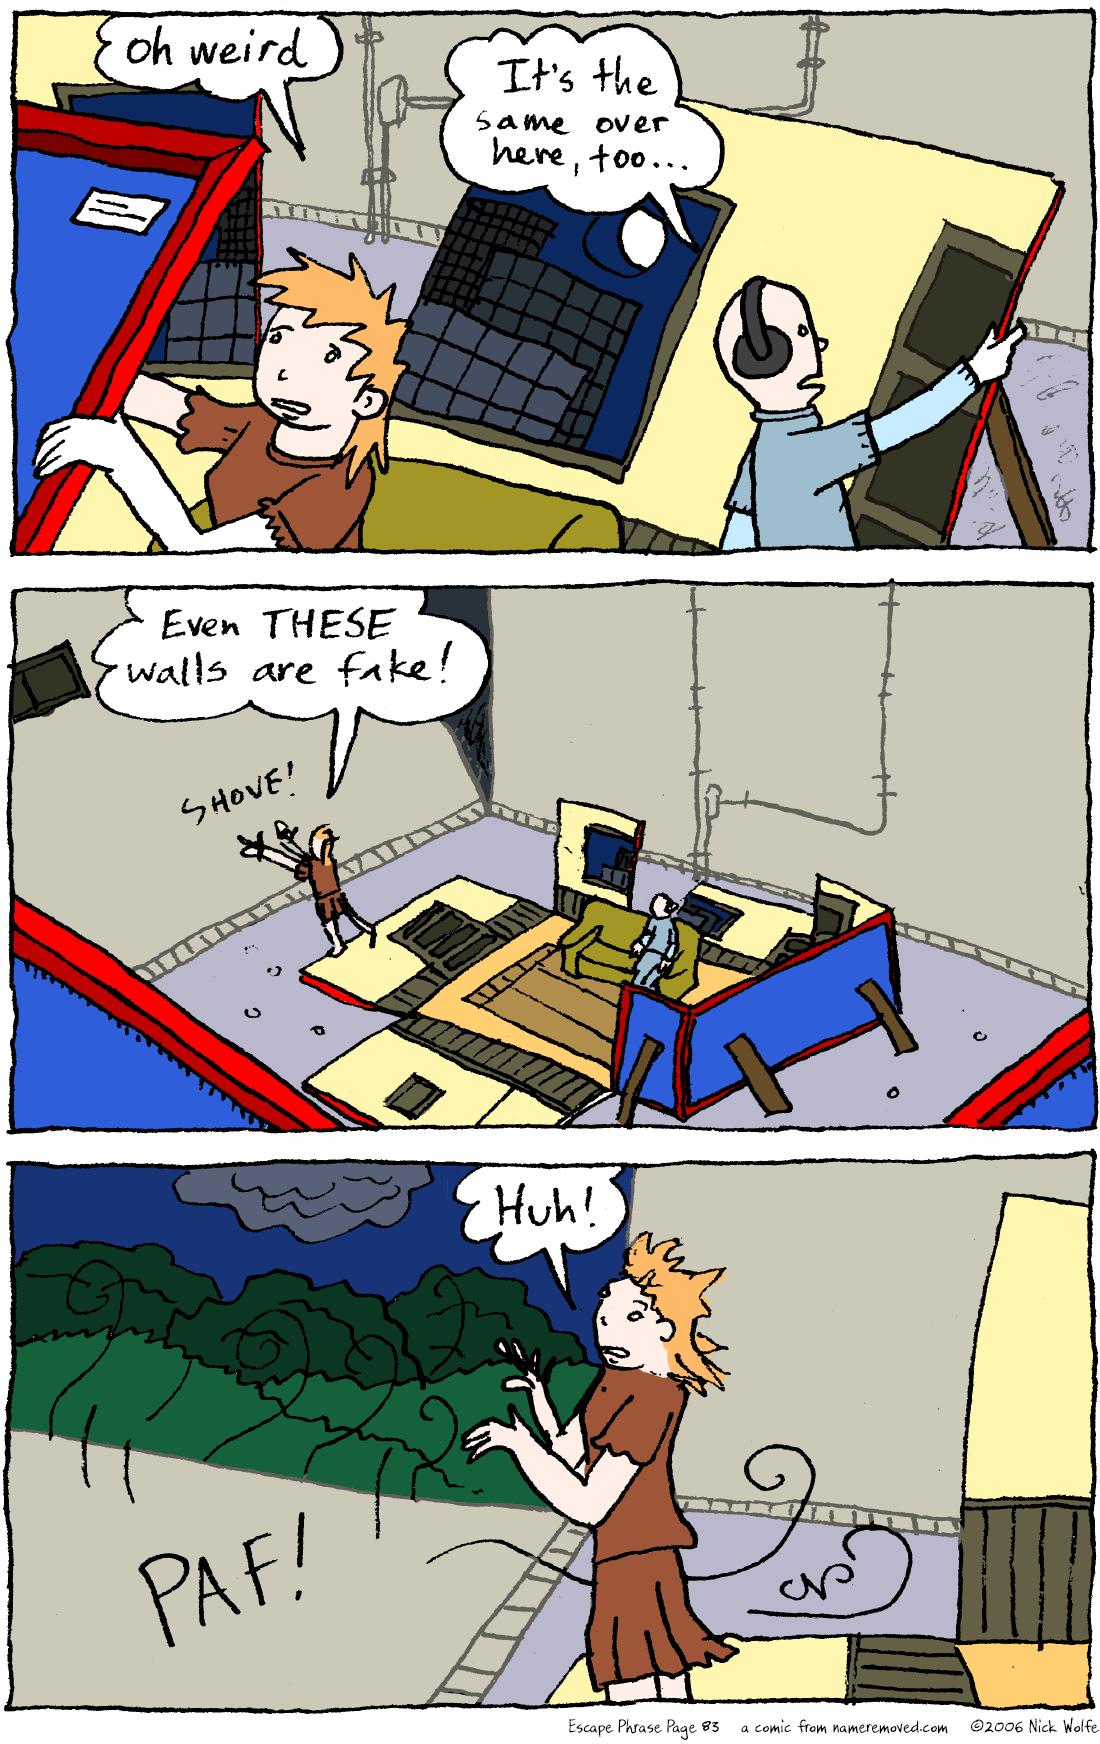 Escape Phrase 83